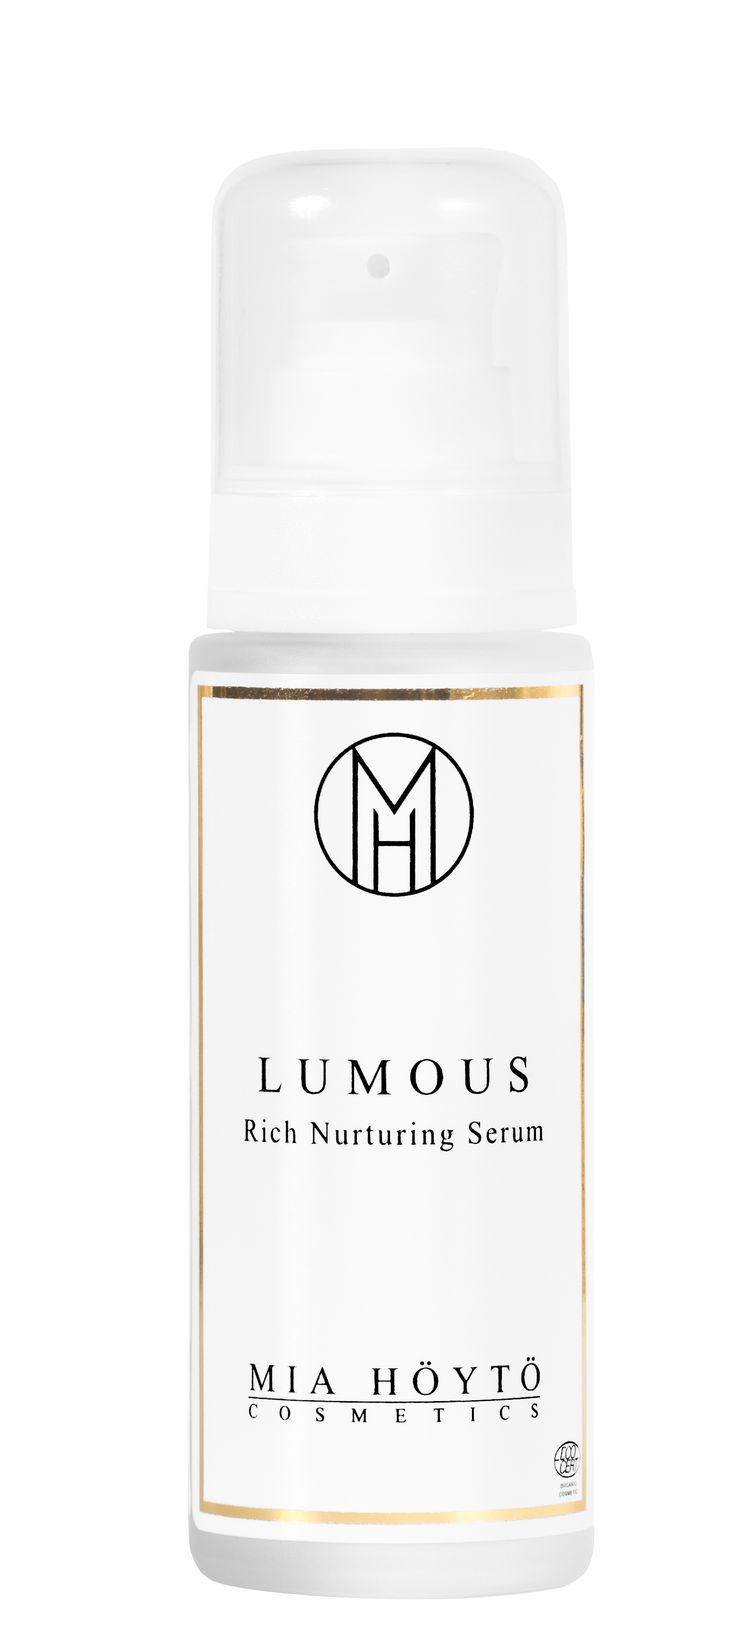 Lumous the Serum